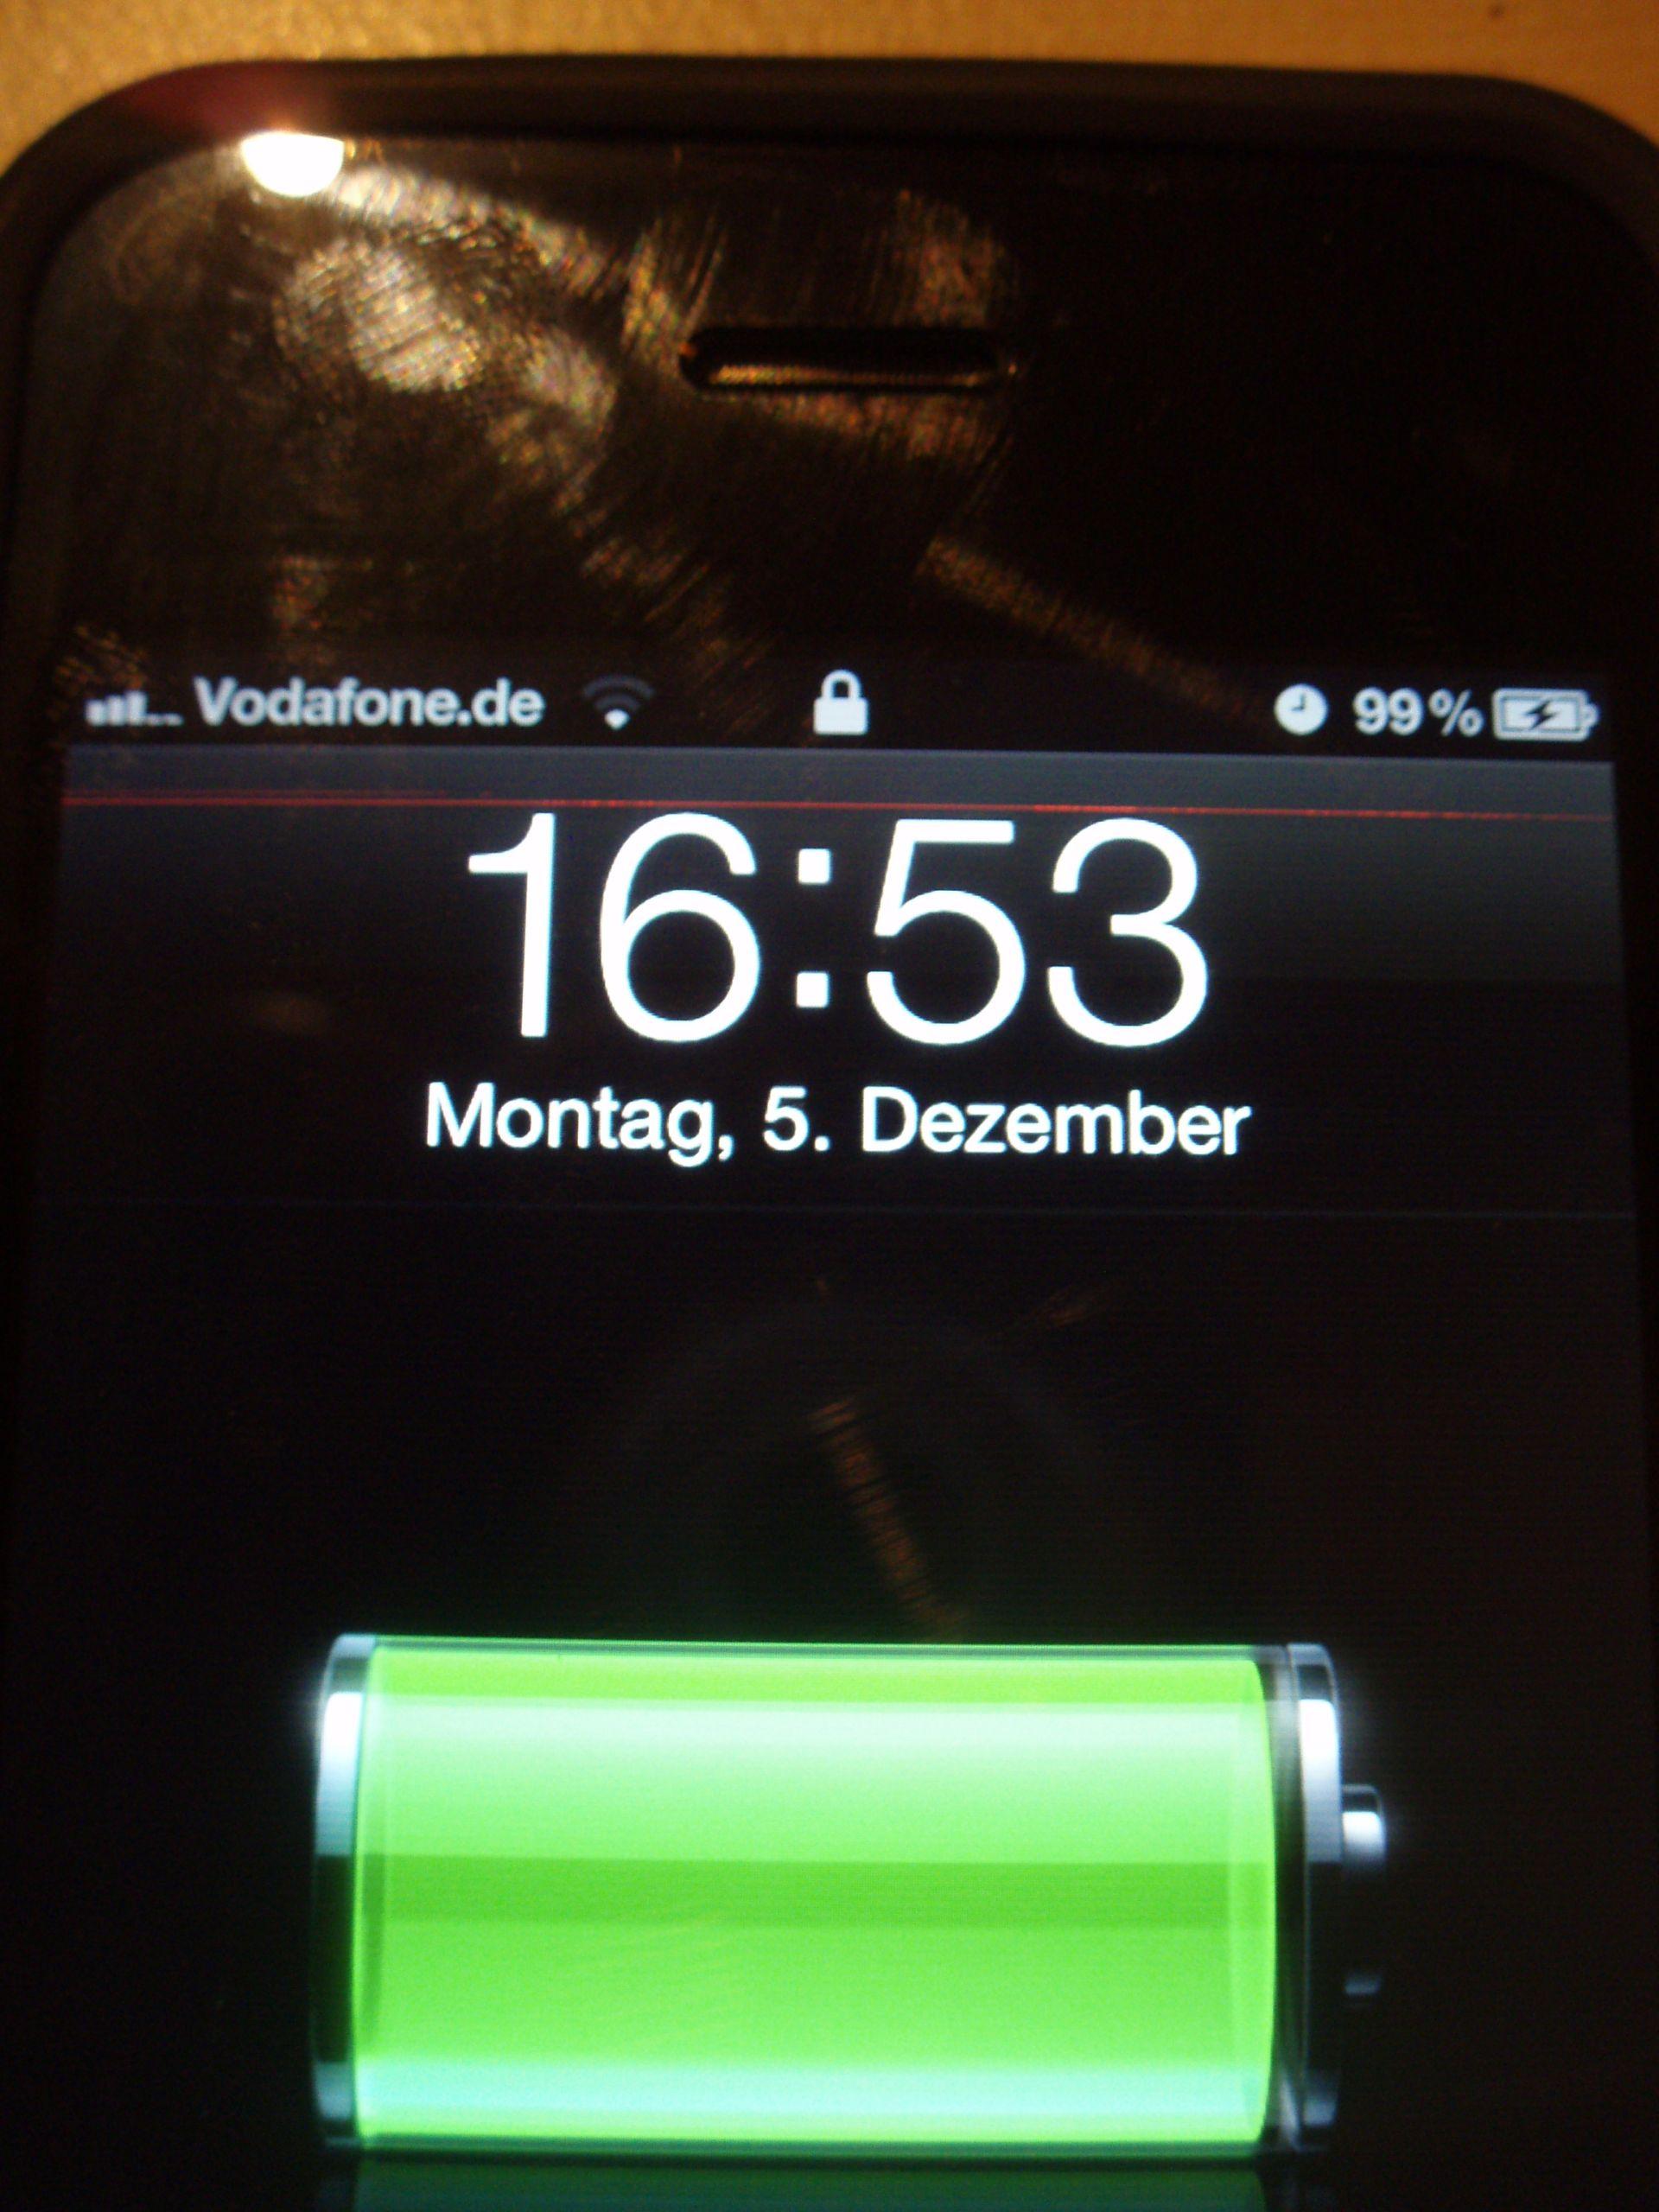 display defekt iphone. Black Bedroom Furniture Sets. Home Design Ideas